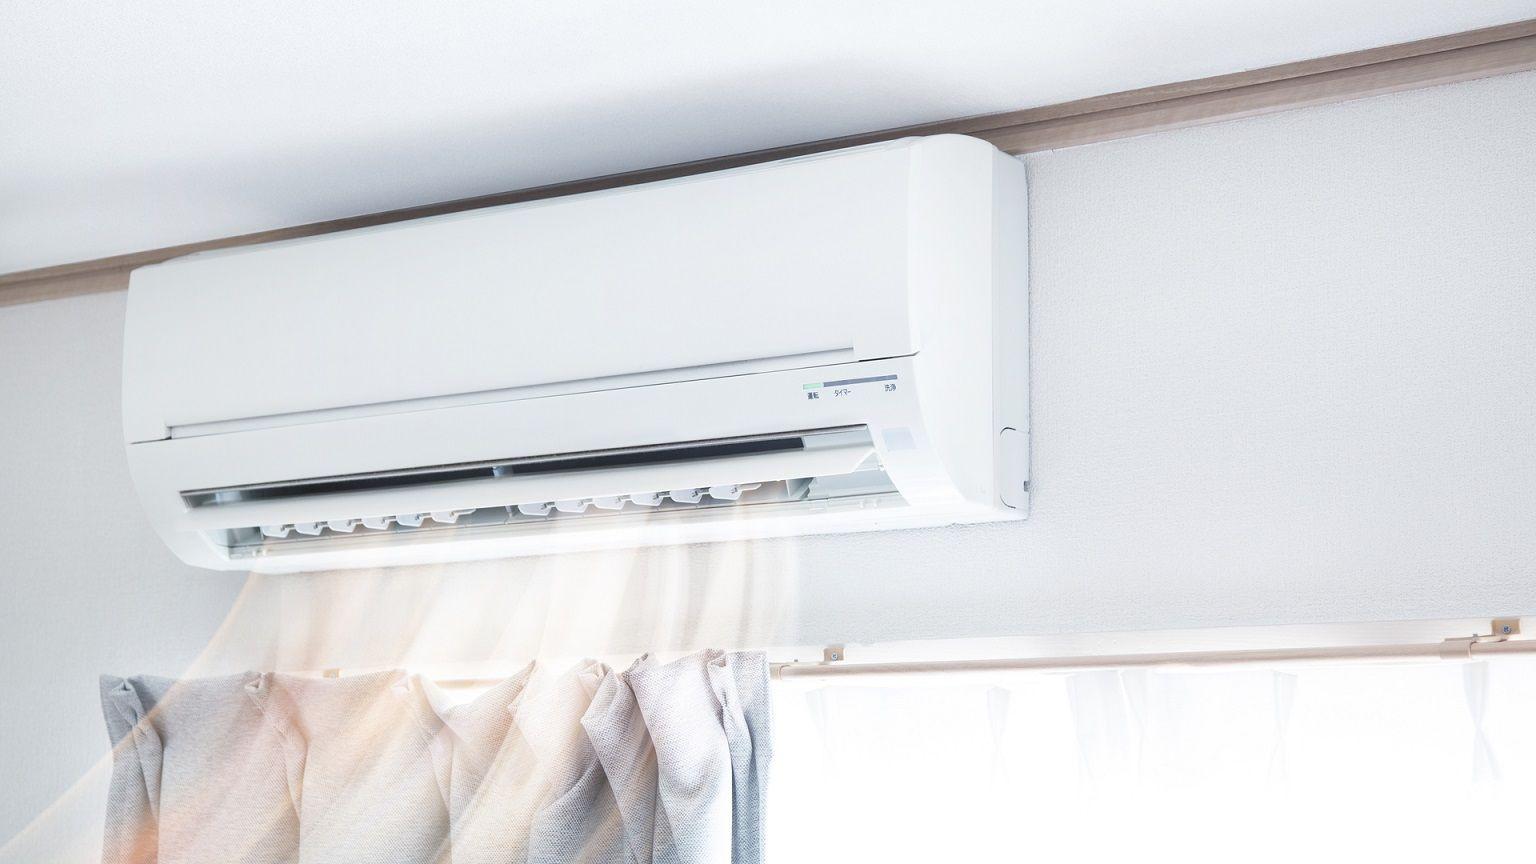 Matenha o split longe de aparelhos eletrônicos, pois o vapor pode danifica-los com o tempo (Imagem: Reprodução/Shutterstock)